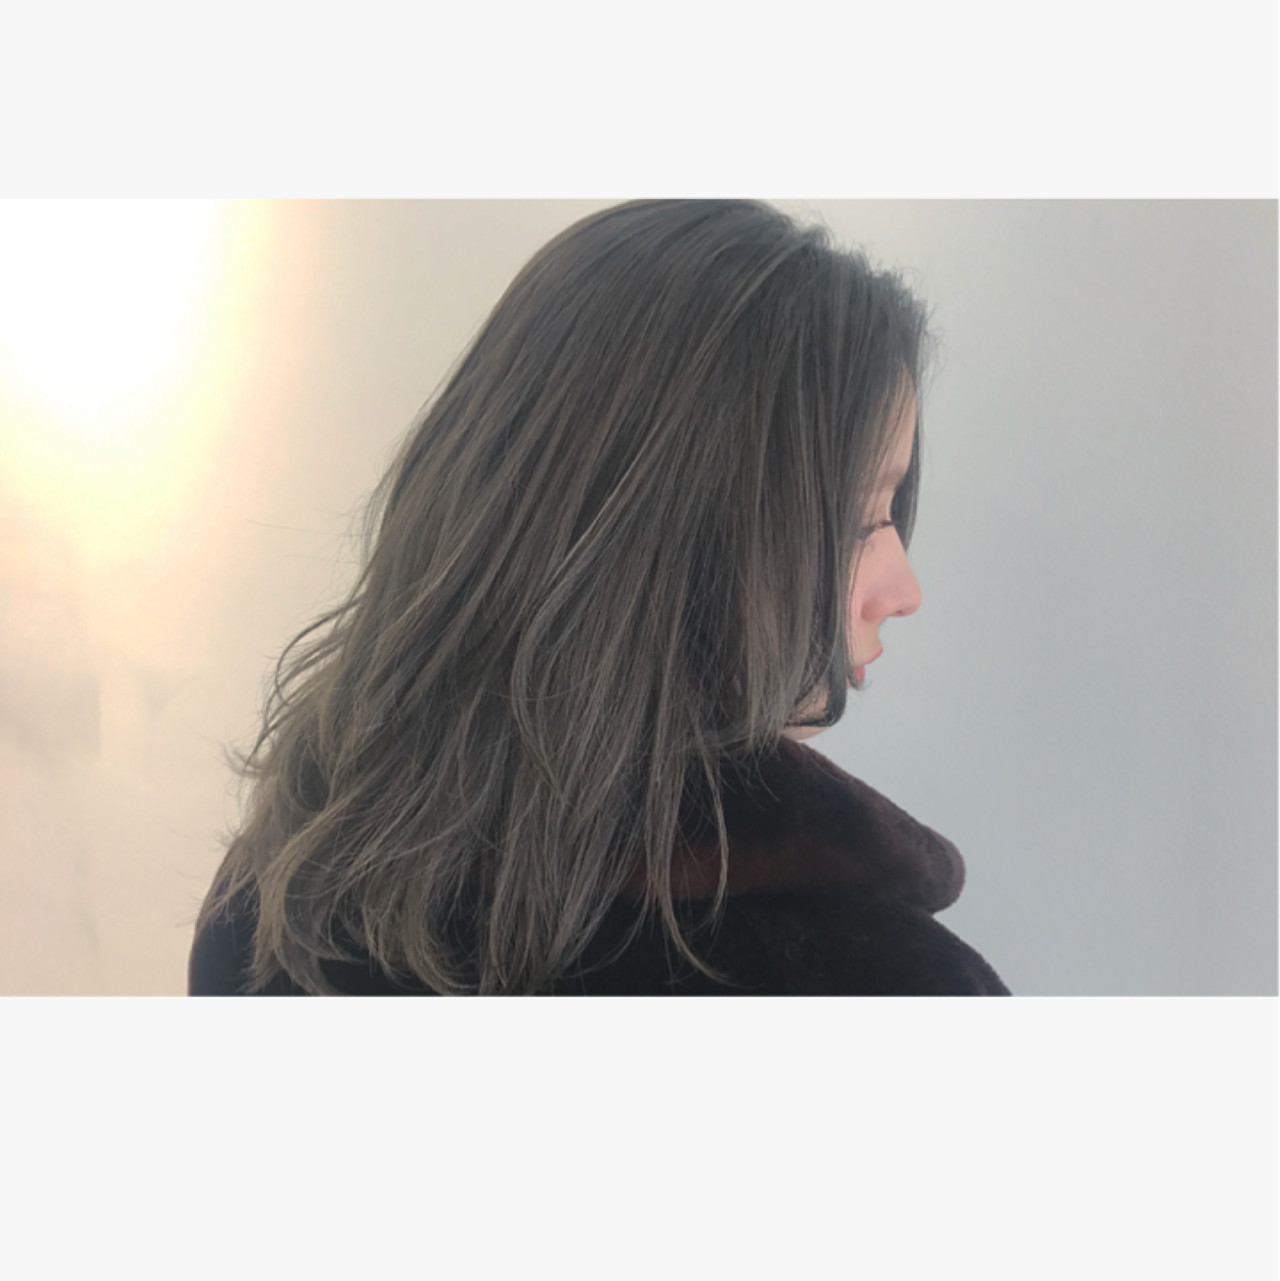 """人気の""""髪色""""大集合!2017年最後に挑戦したいカラーでイメージチェンジ♪ Rie Akita"""